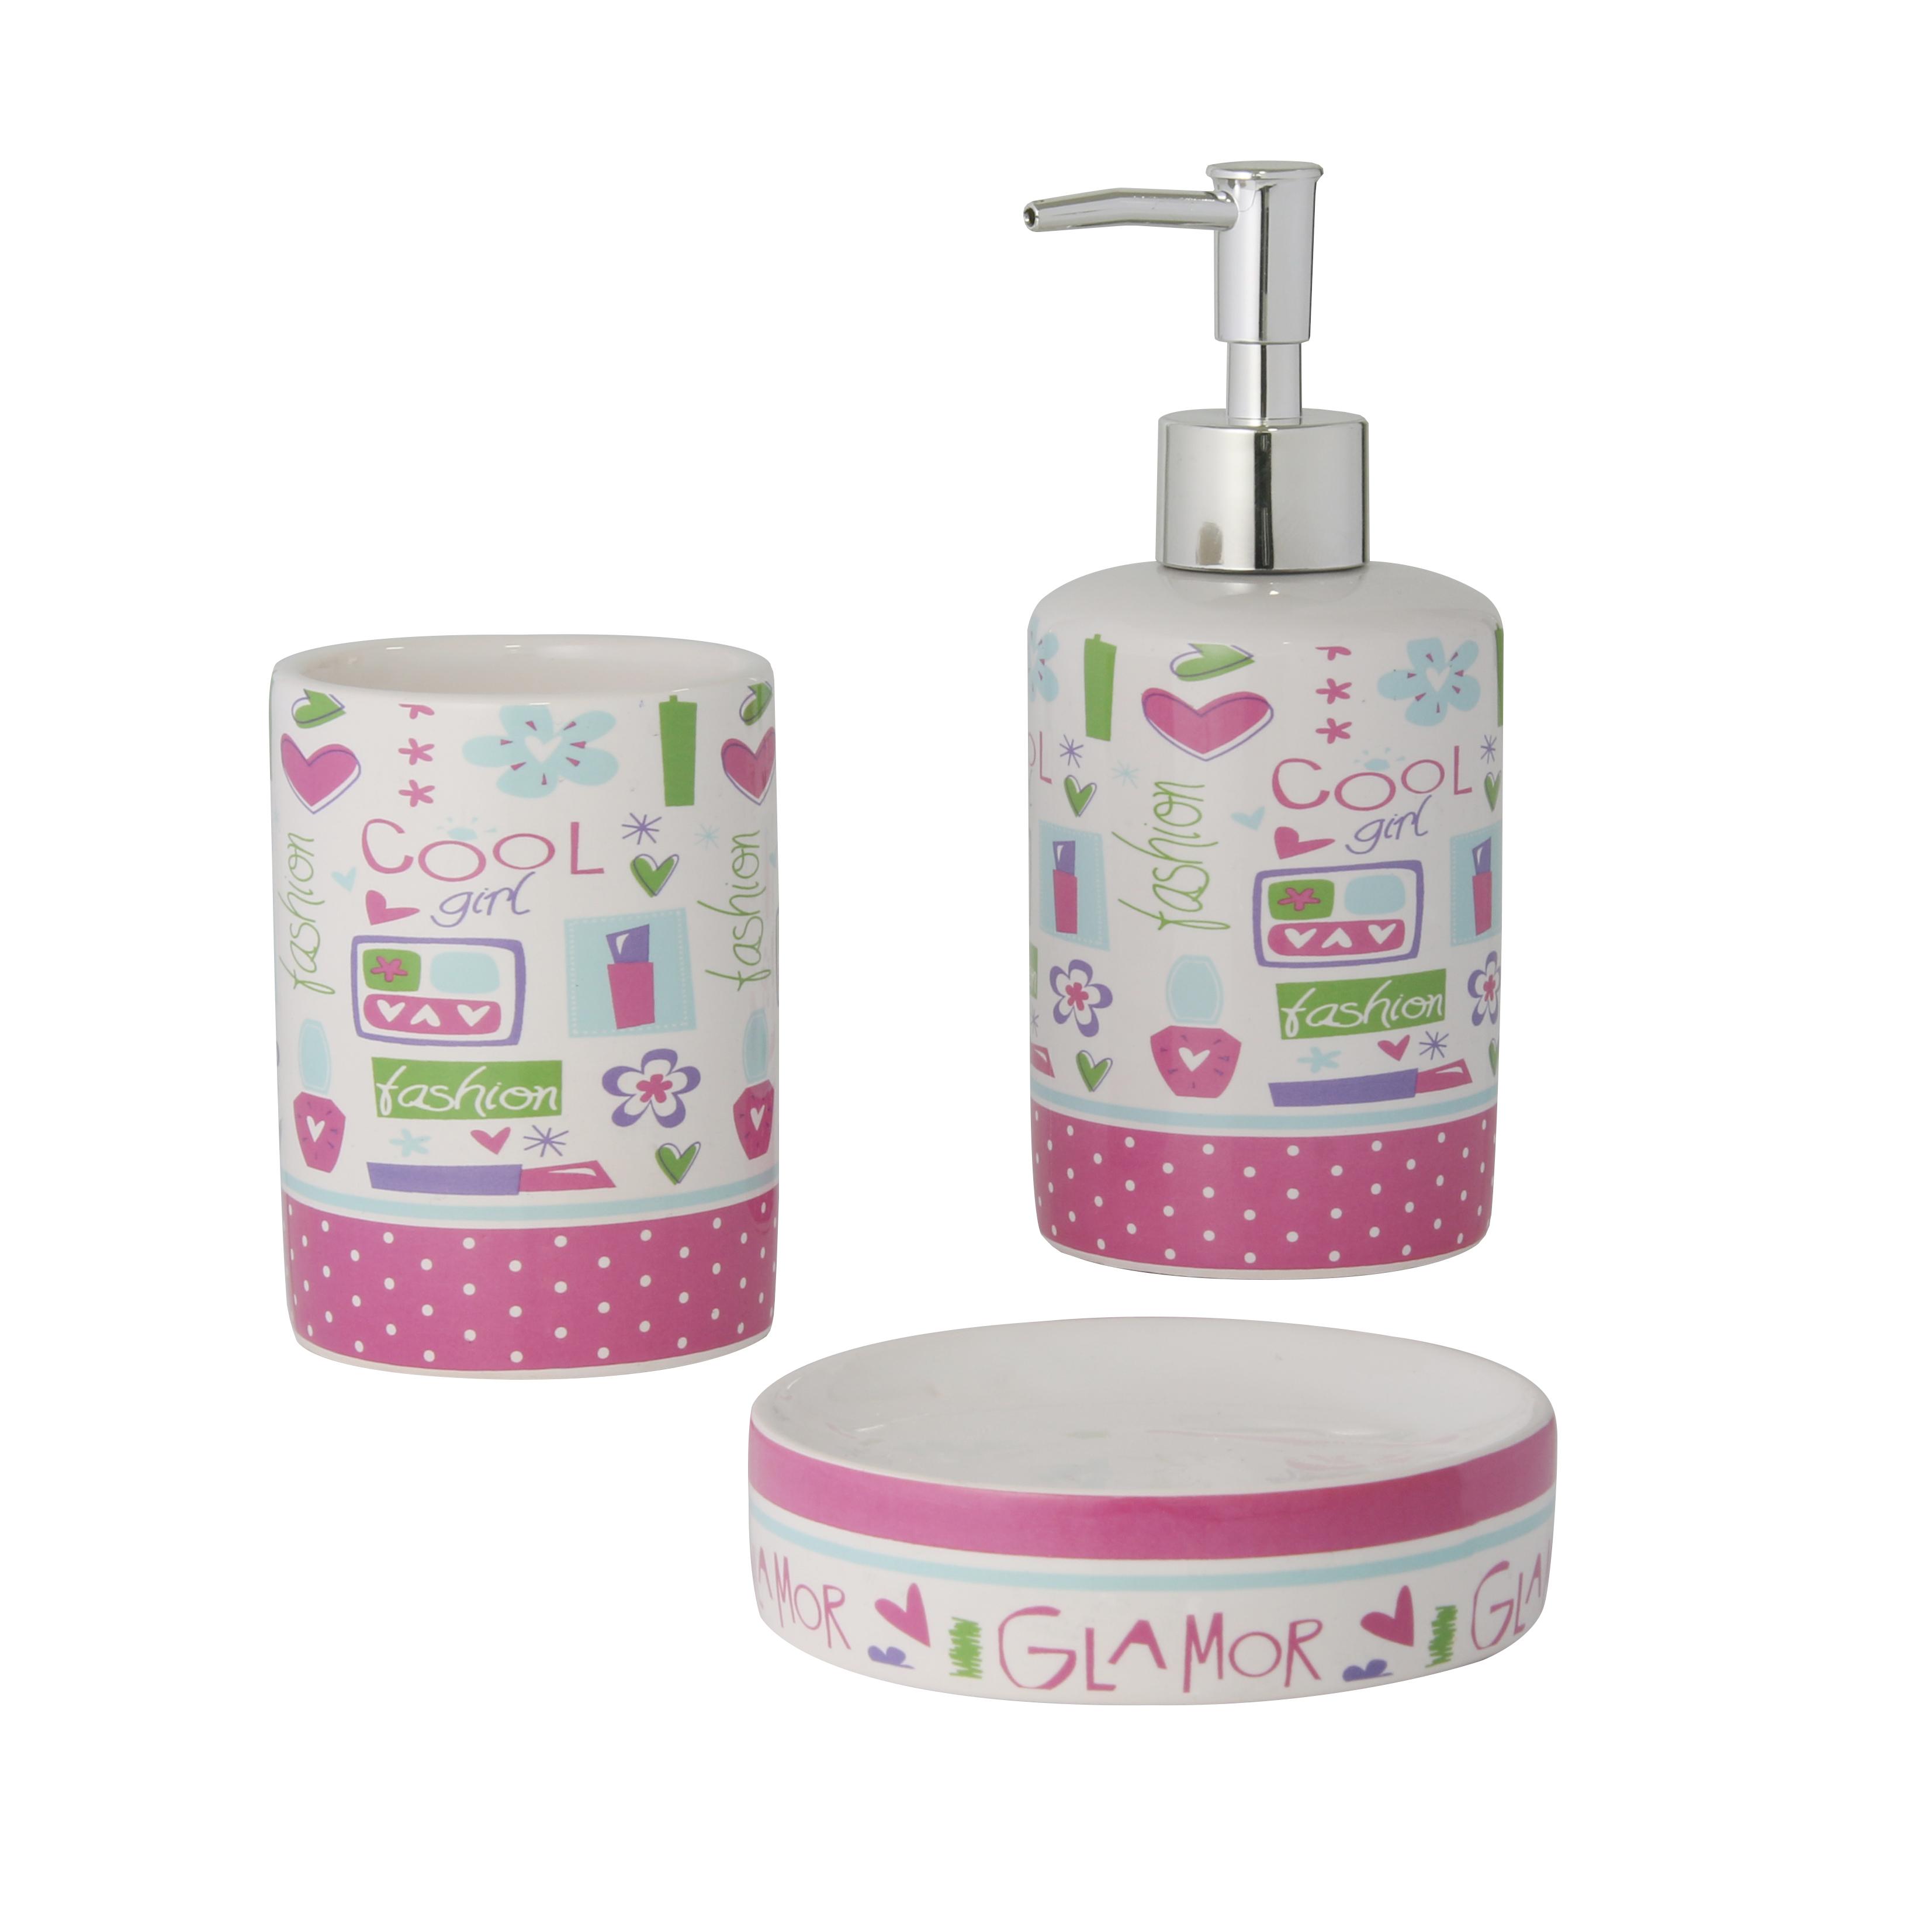 Набор для ванной комнаты Axentia Lily, 3 предмета122501Набор для ванной комнаты Axentia Lily, выполнен из натуральной и элегантной керамики, состоит из стакана для зубных щеток, дозатора для жидкого мыла и мыльницы. Изделия декорированы яркими цветными рисунками. Аксессуары, входящие в набор Axentia Lily, выполняют не только практическую, но и декоративную функцию. Они способны внести в помещение изысканность, сделать пребывание в нем приятным и даже незабываемым. Размер стакана для щеток: 7,5 х 7,5 х 10 см. Размер дозатора: 7,5 х 7,5 х 18 см. Размер мыльницы: 10,5 х 10,5 х 2,5 см.